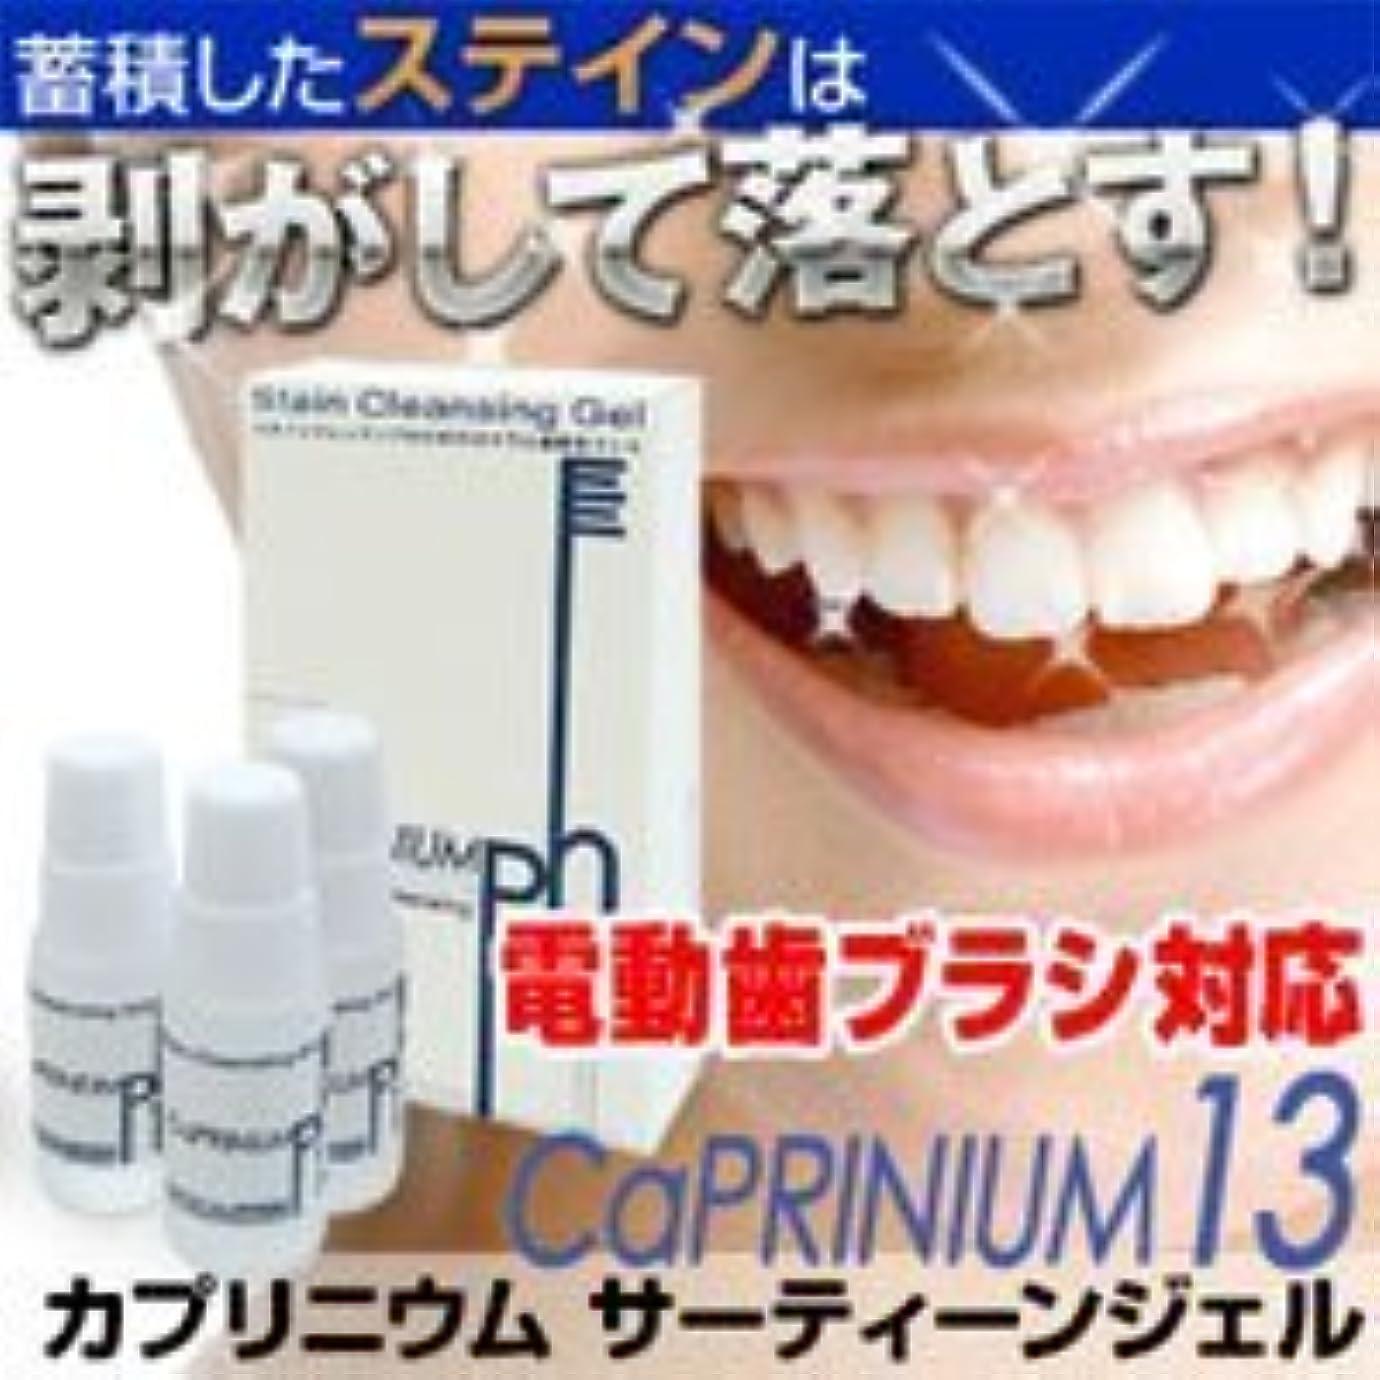 圧縮するカウント女王カプリジェル(カプリニウムサーティーンジェル)10g×3個(1か月分) 電動歯ブラシ対応歯磨きジェル